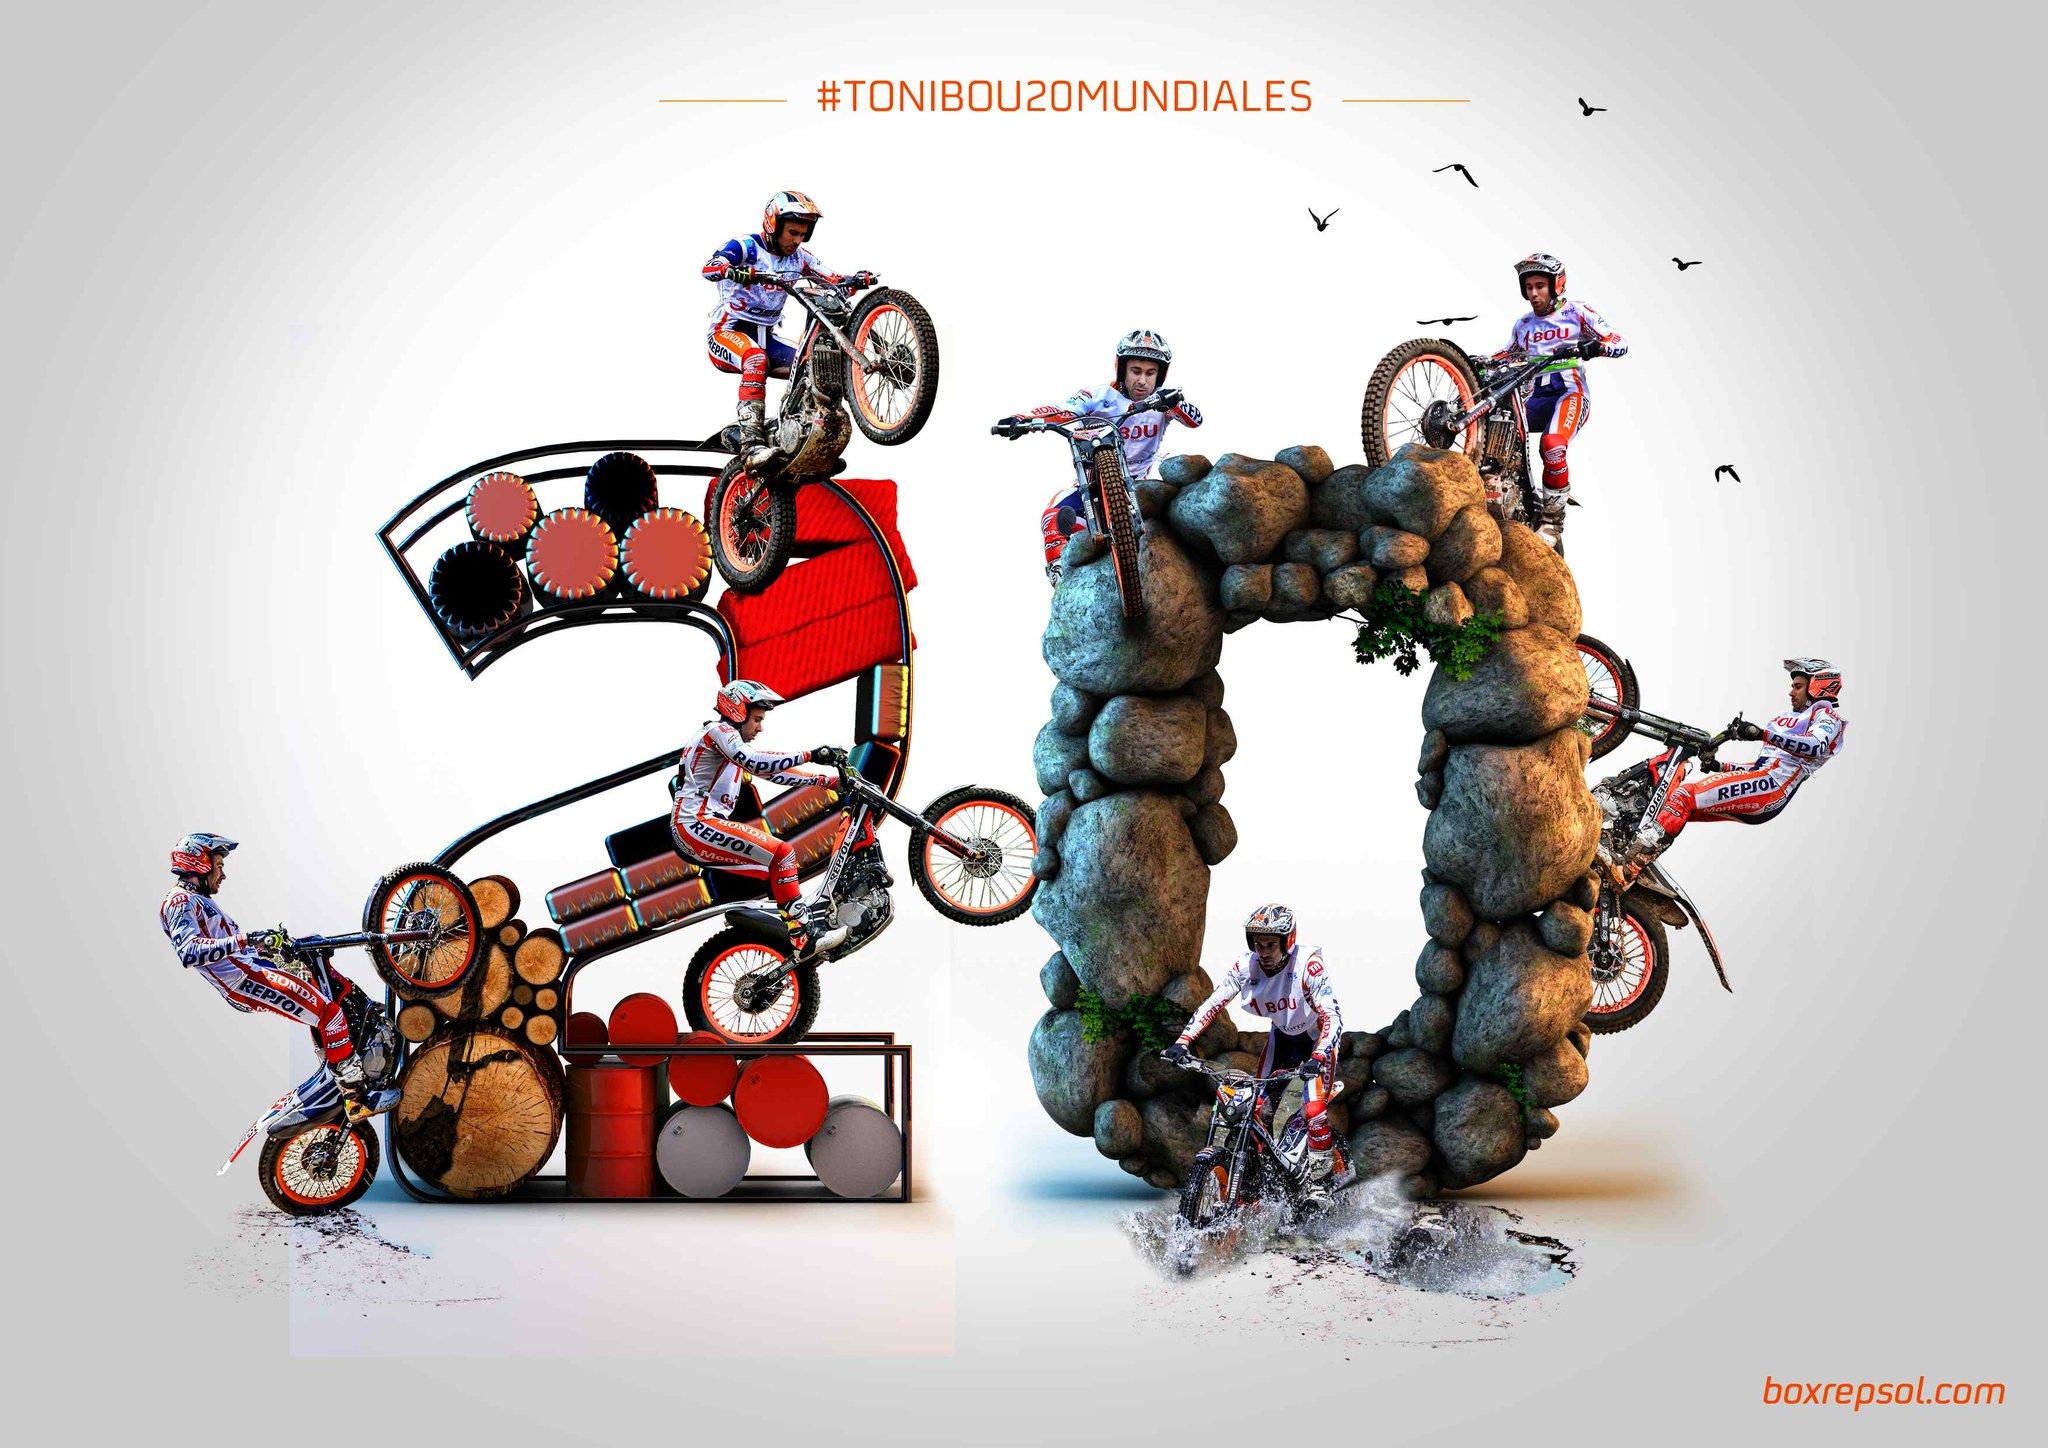 Toni Bou gana su 20º Campeonato del Mundo de Trial